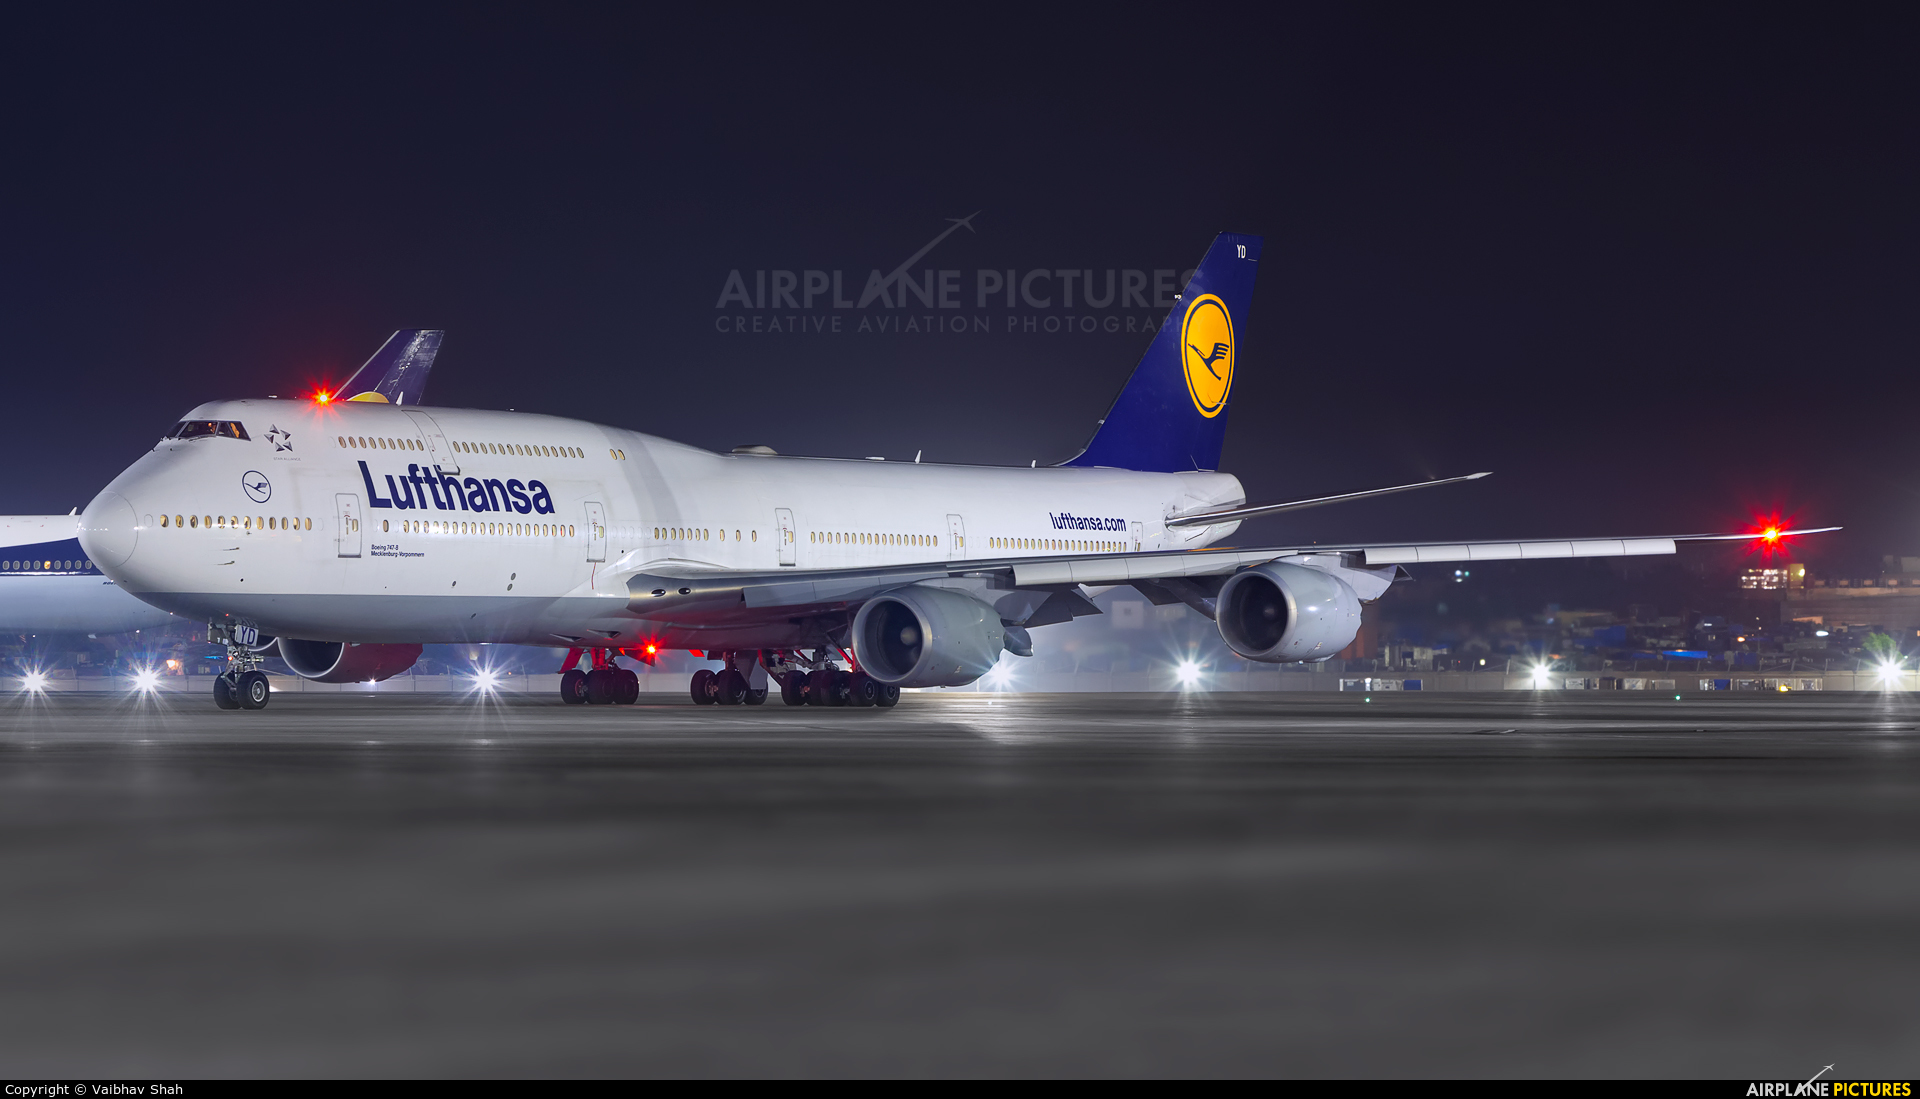 Lufthansa D-ABYD aircraft at Mumbai - Chhatrapati Shivaji Intl